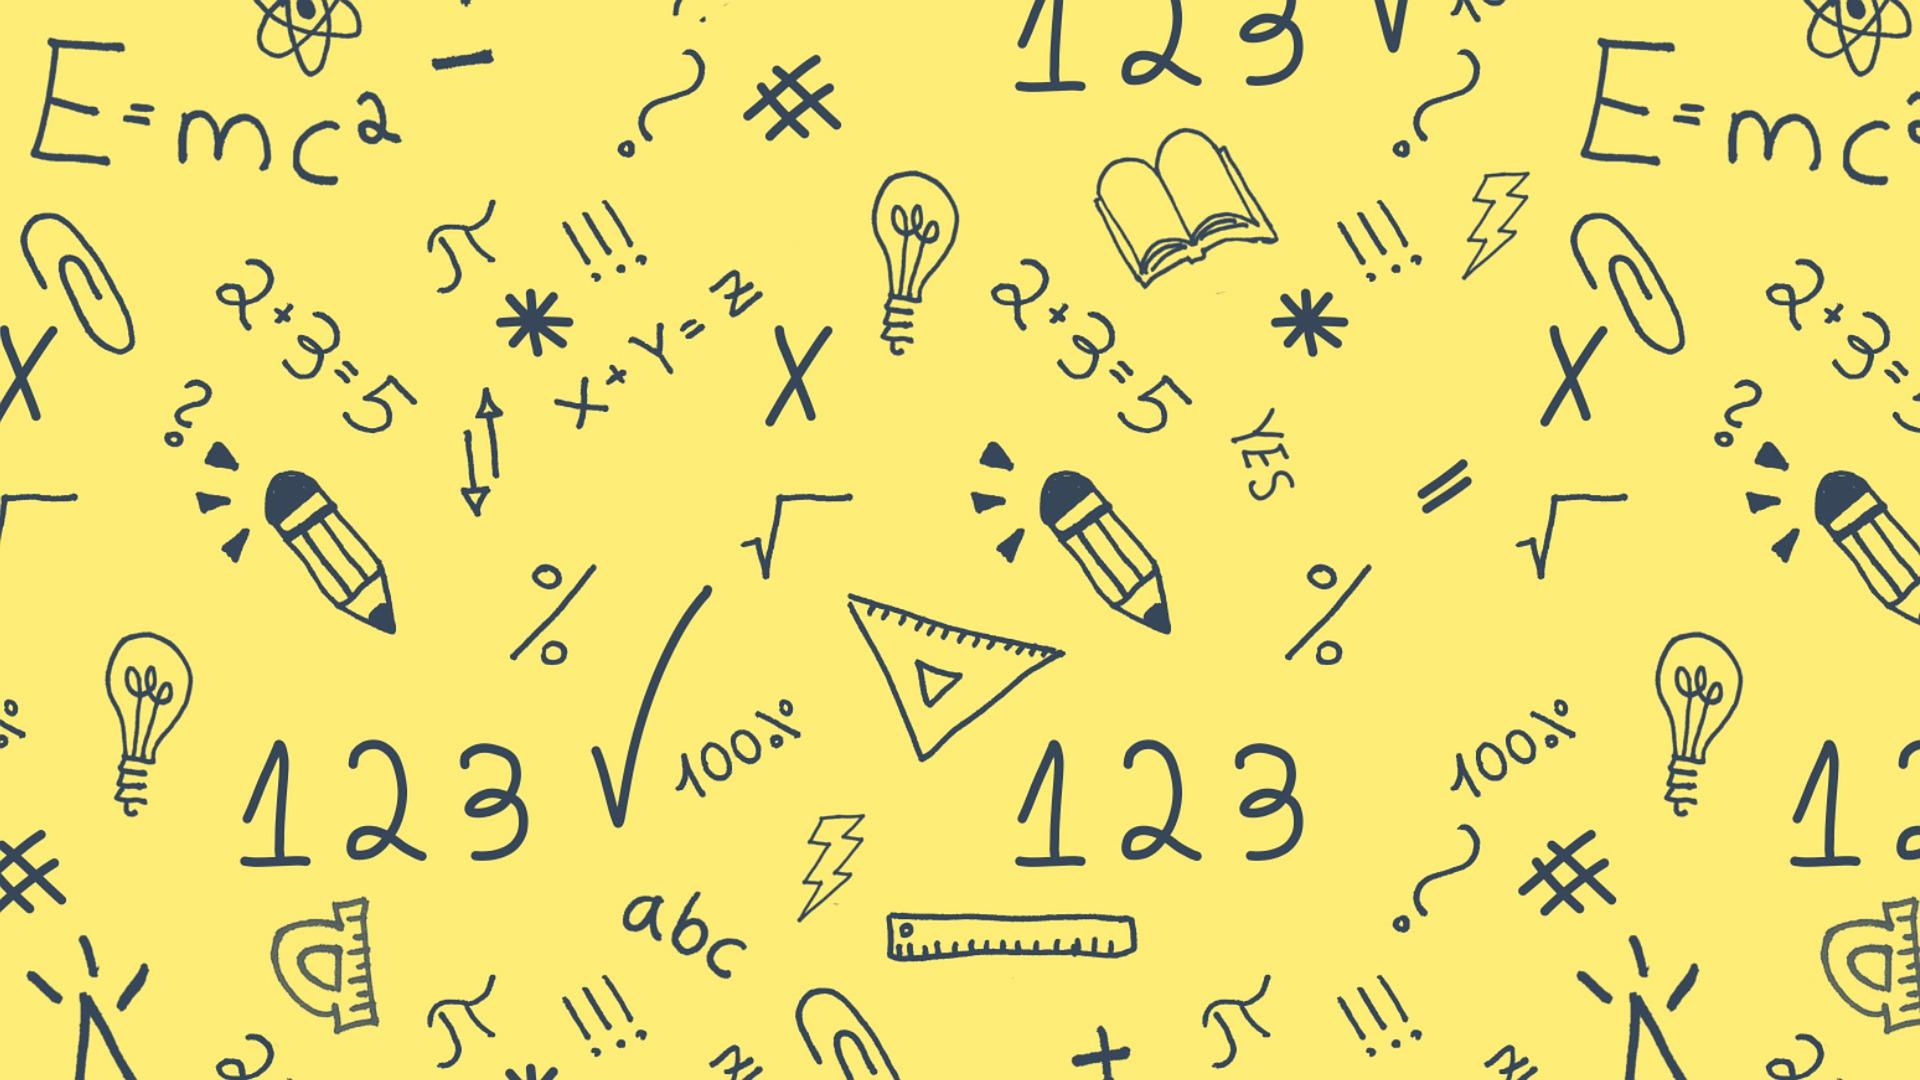 divisibilité dans z exercice corrigé | Congruence | Théorème de Fermat | Lemme de Gauss